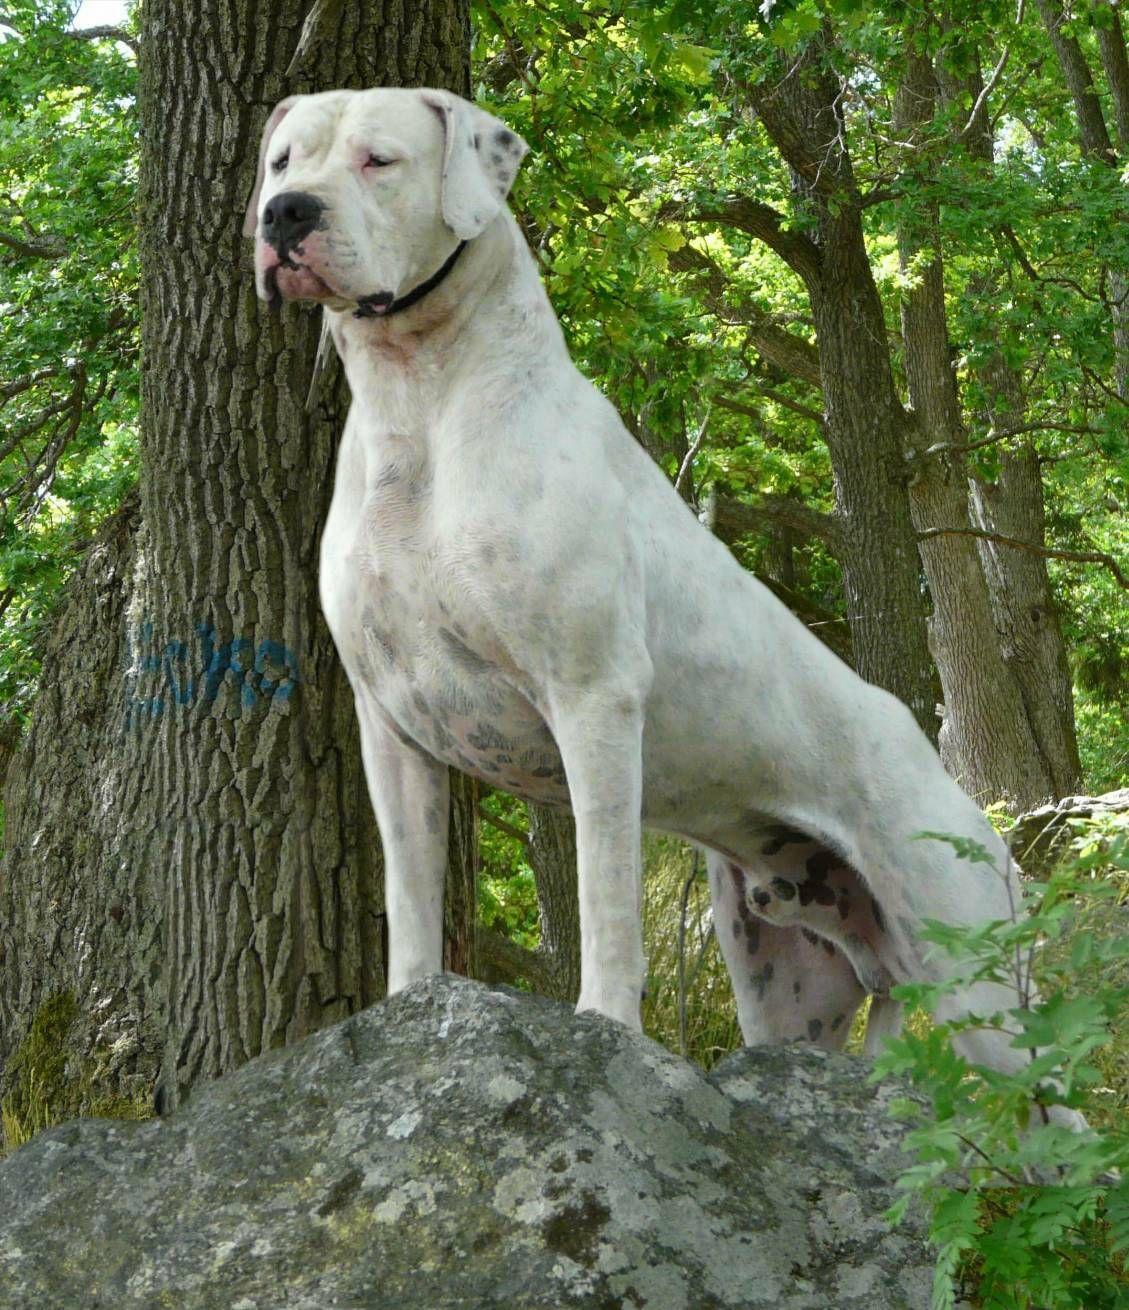 Dogo Argentino Giant Dogs Large Dog Breeds Dogo Argentino Dog